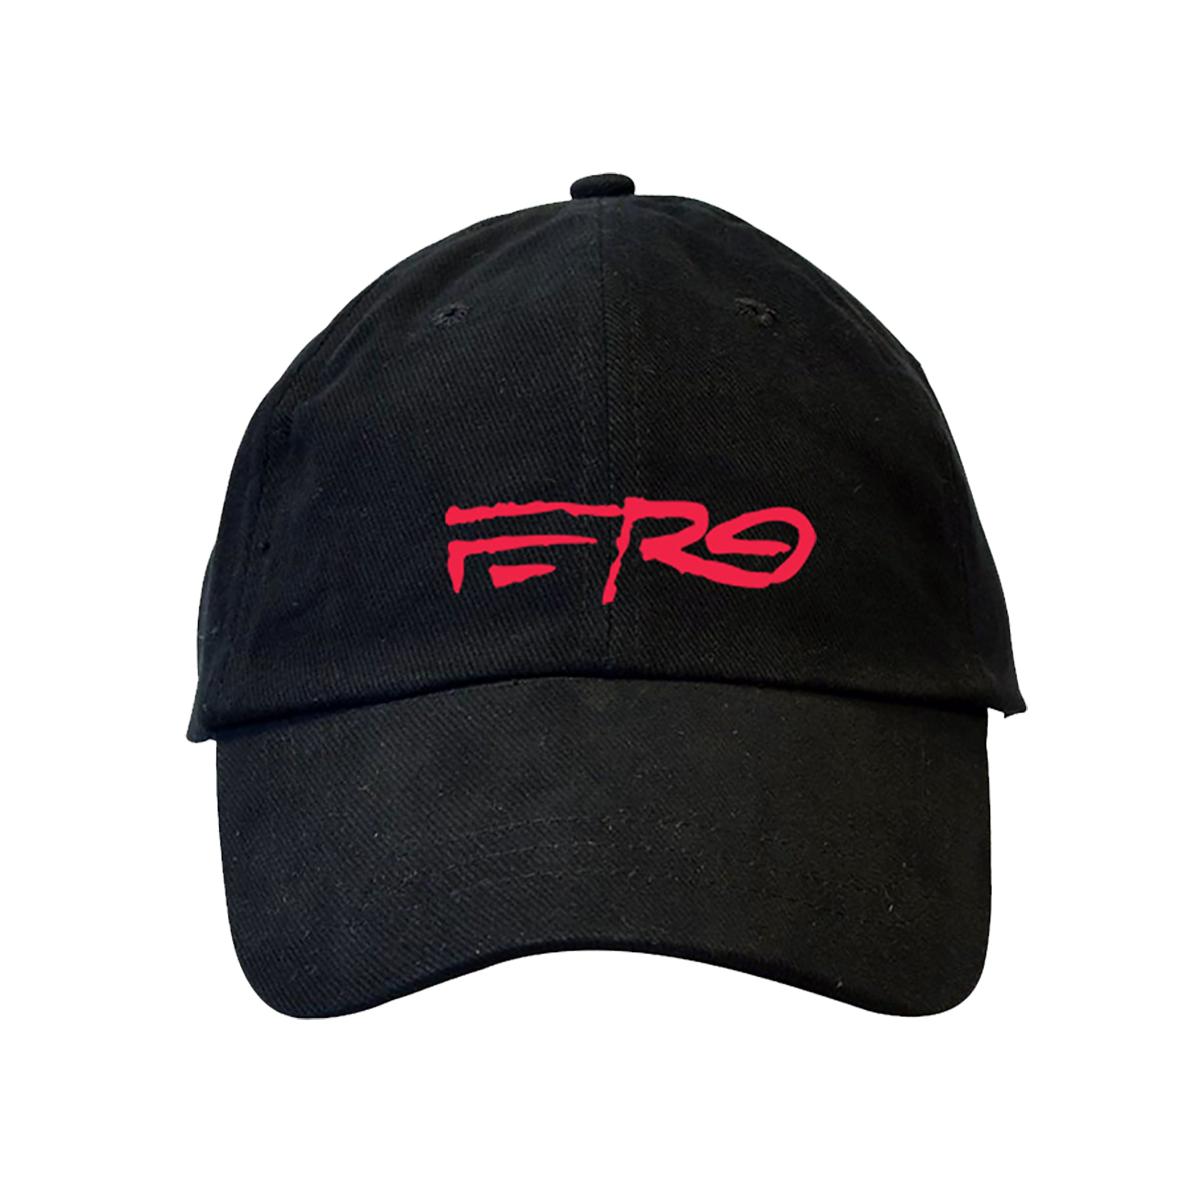 Ferg Dad Hat